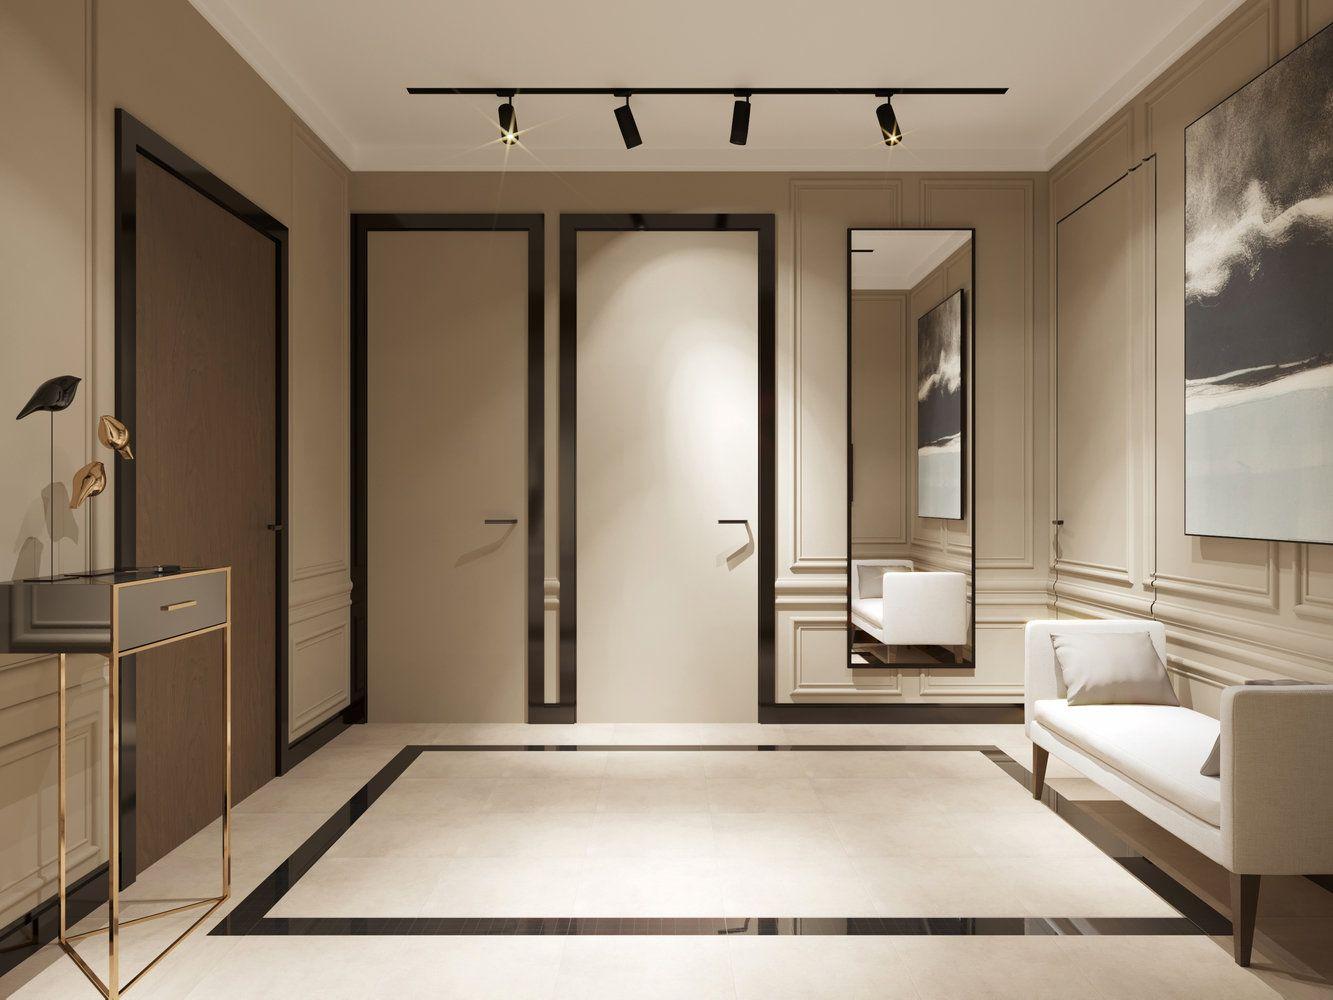 Стиль модерн в интерьере квартиры: современный дизайн ремонта для студии, фото